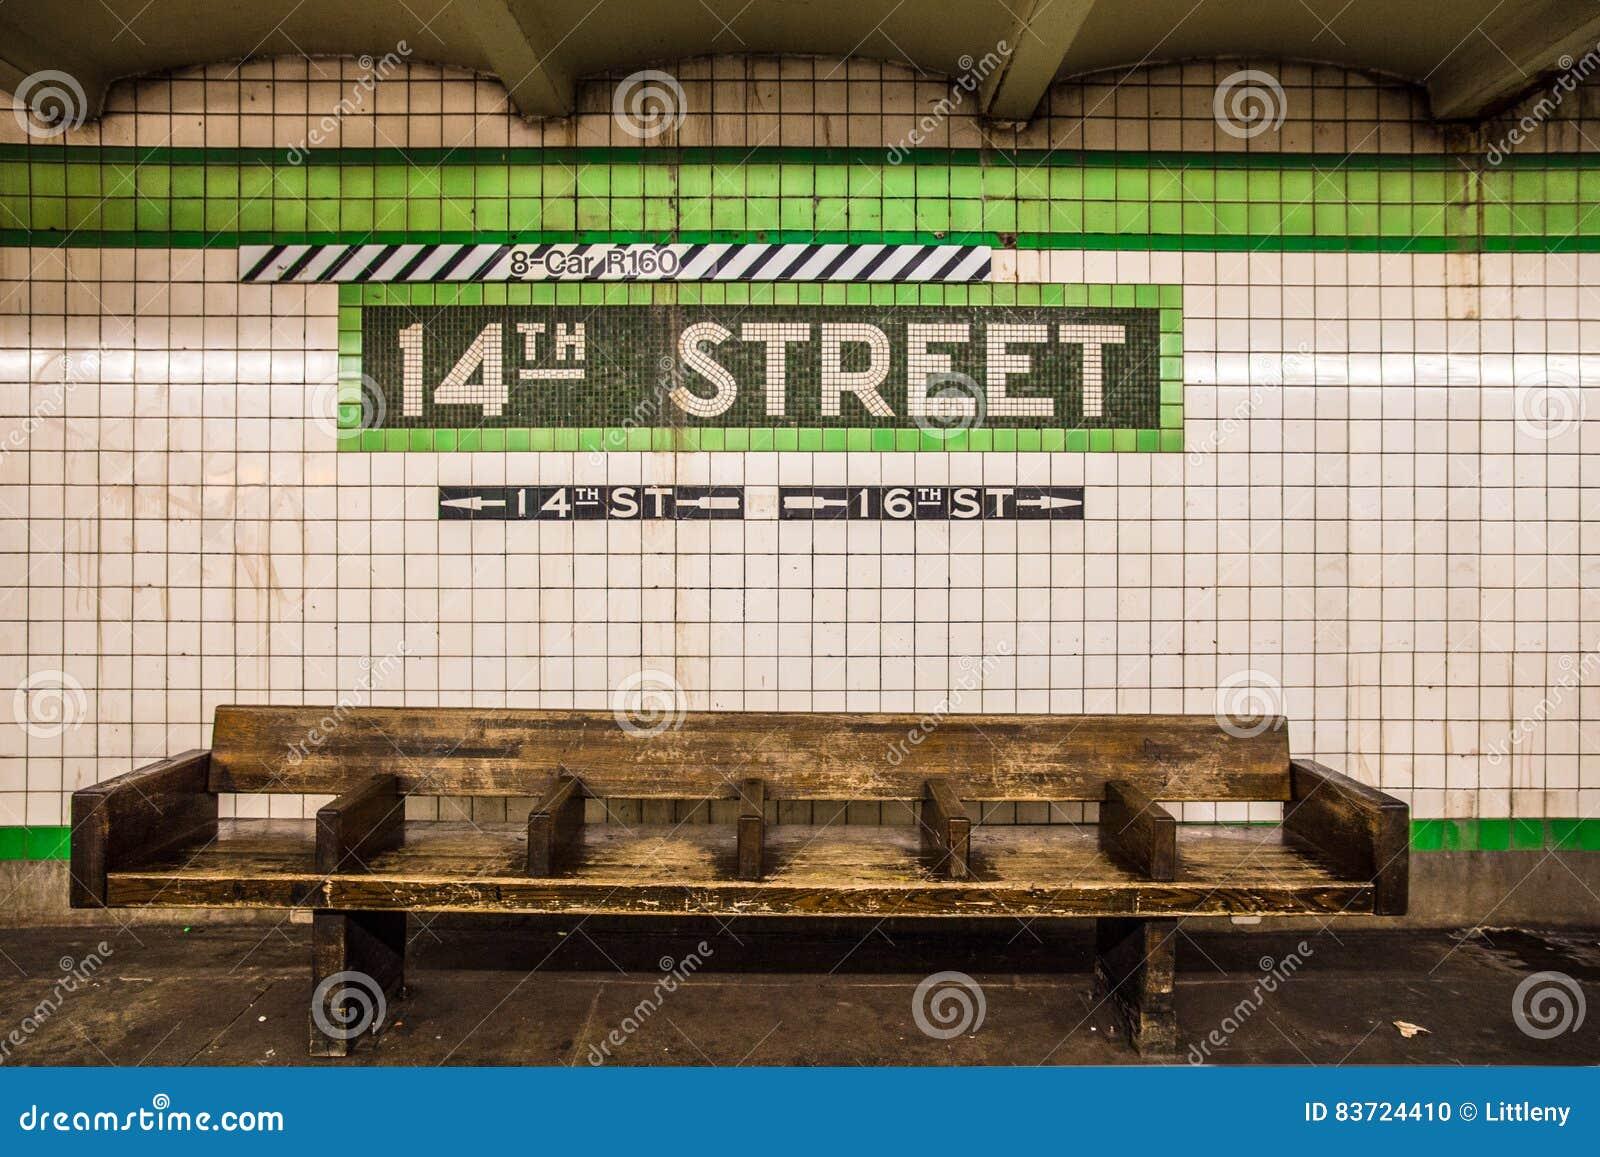 New York City Subway Wall Stock Photo